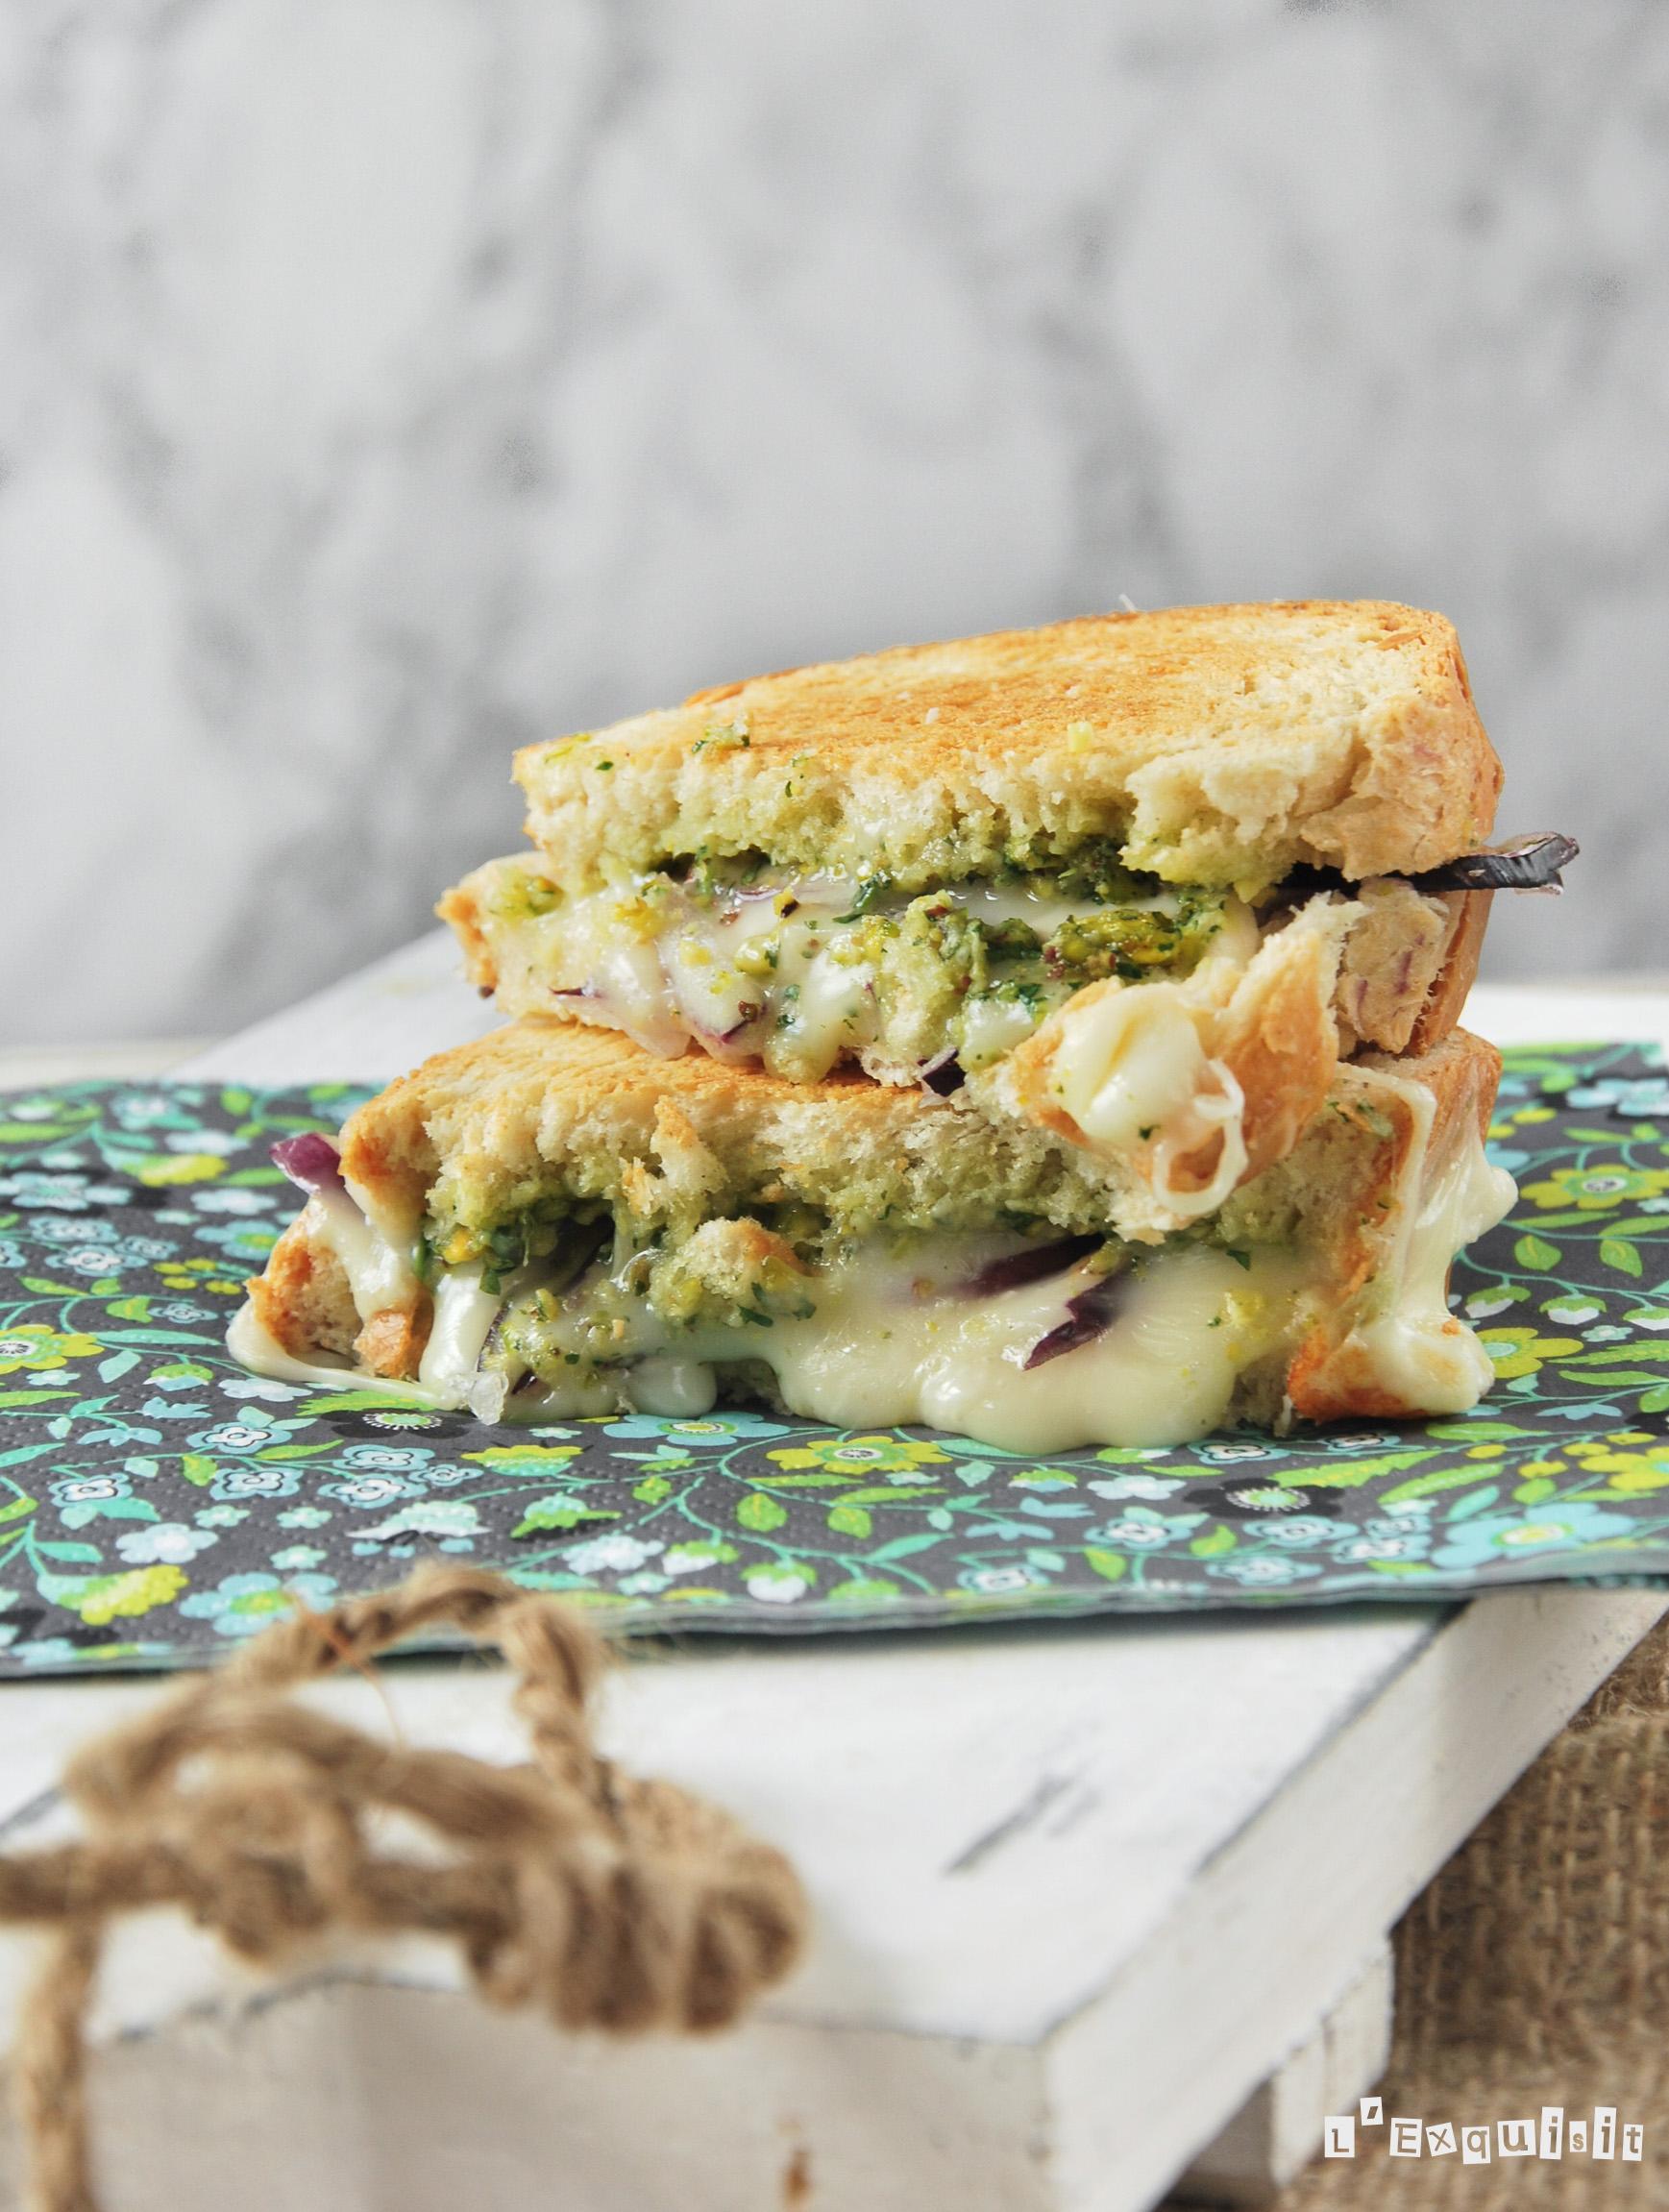 Sandwich de queso y pesto de pistachos